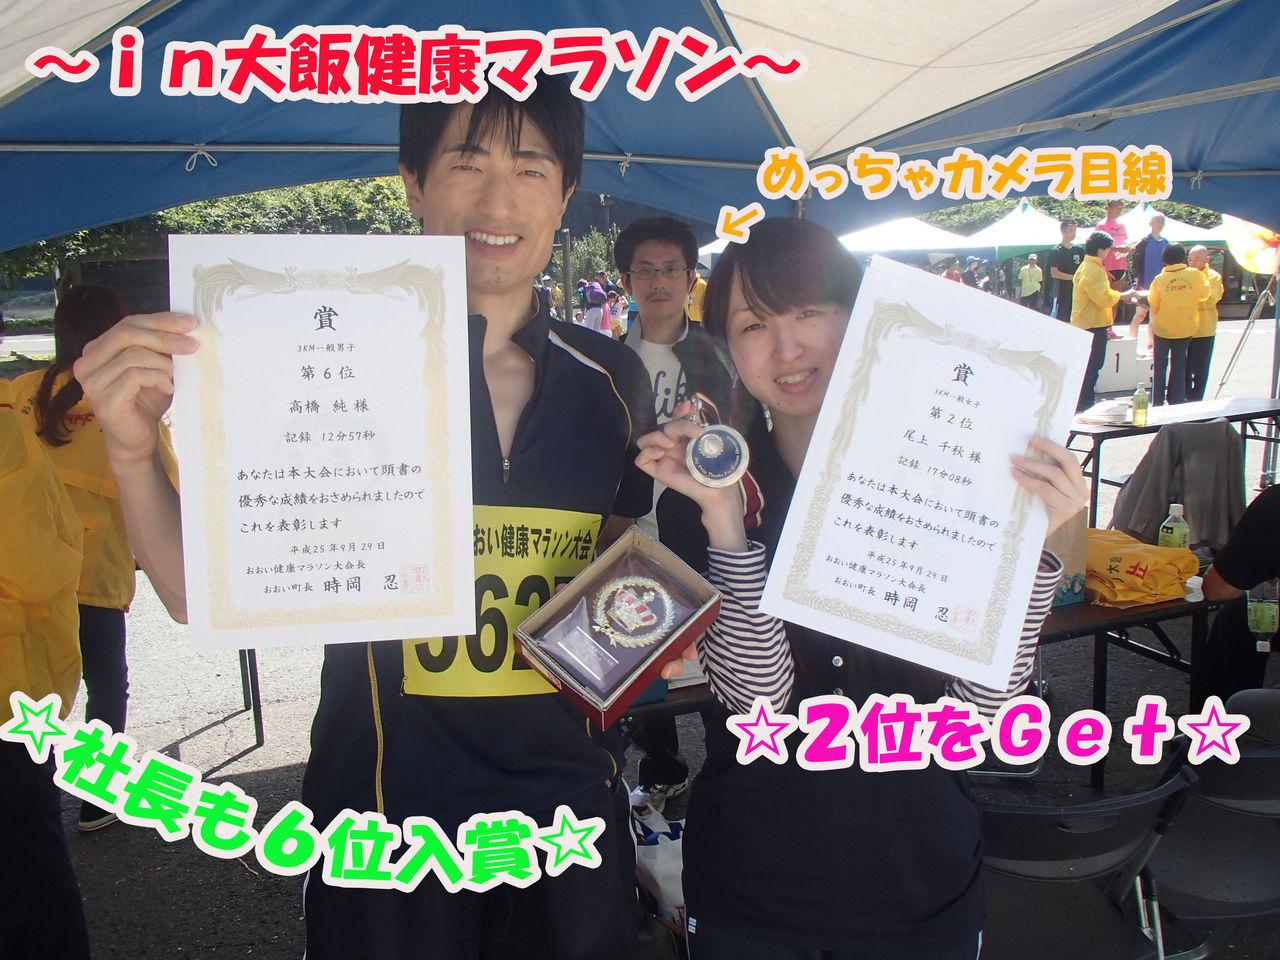 大飯健康マラソン